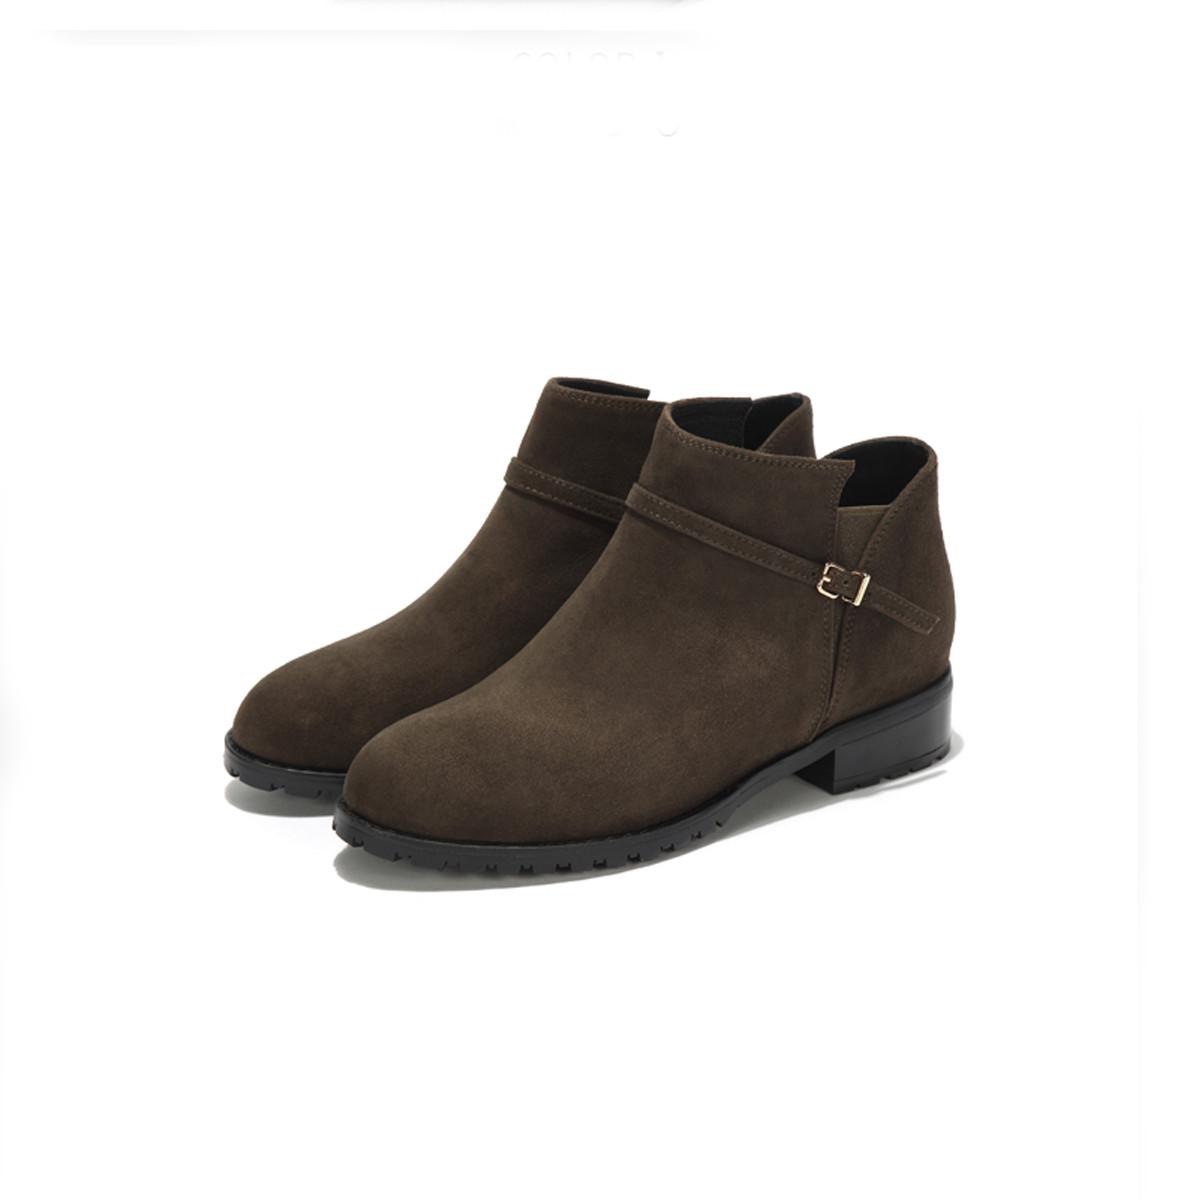 西村名物切尔西靴女短靴女及踝靴绒面英伦复古平底女靴T274S4177111